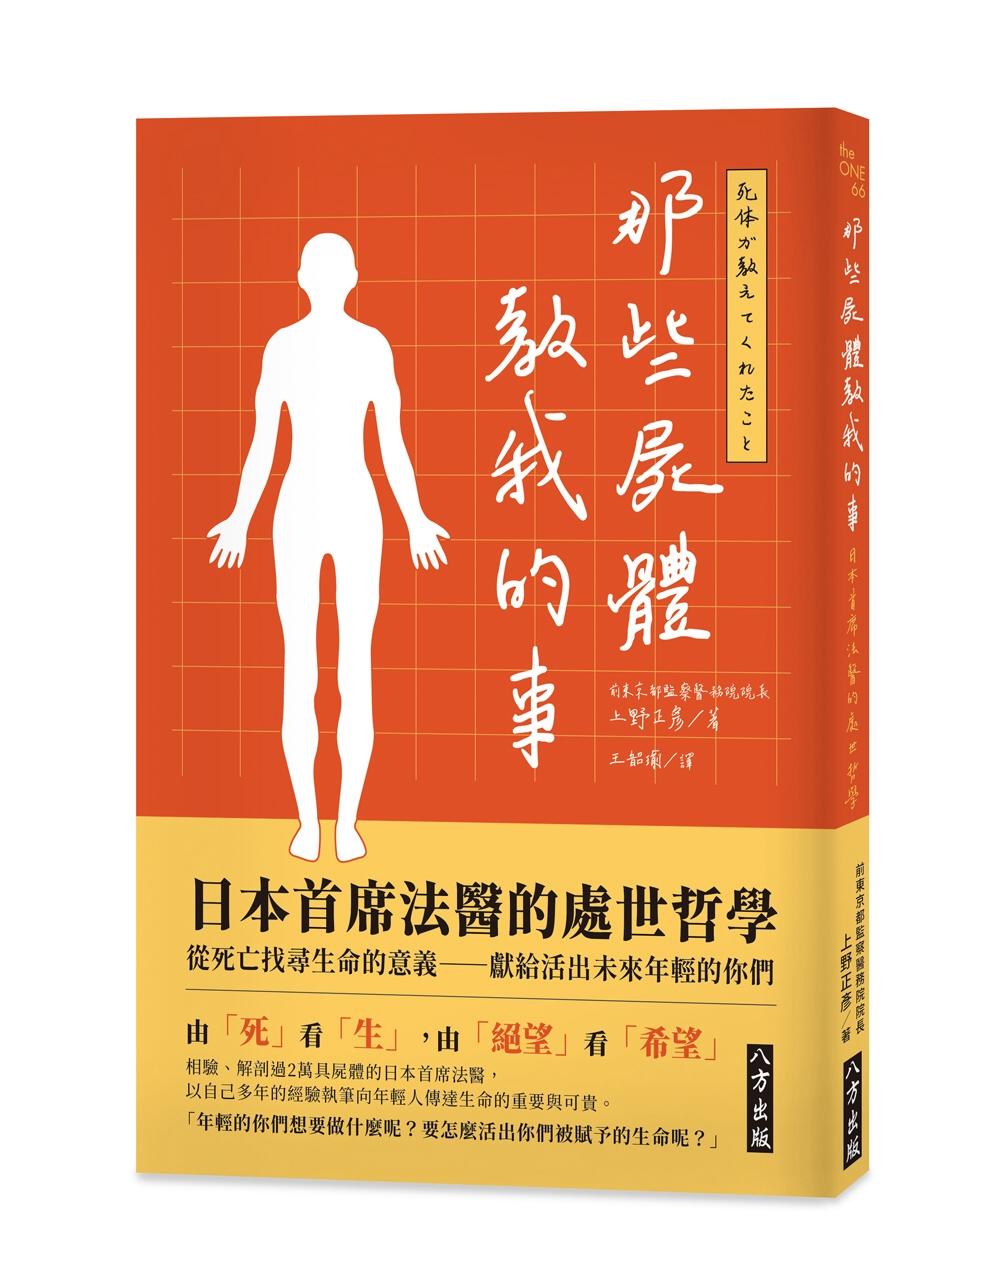 那些屍體教我的事:日本首席法醫的處世哲學:從死亡找尋生命的意義──獻給活出未來年輕的你們